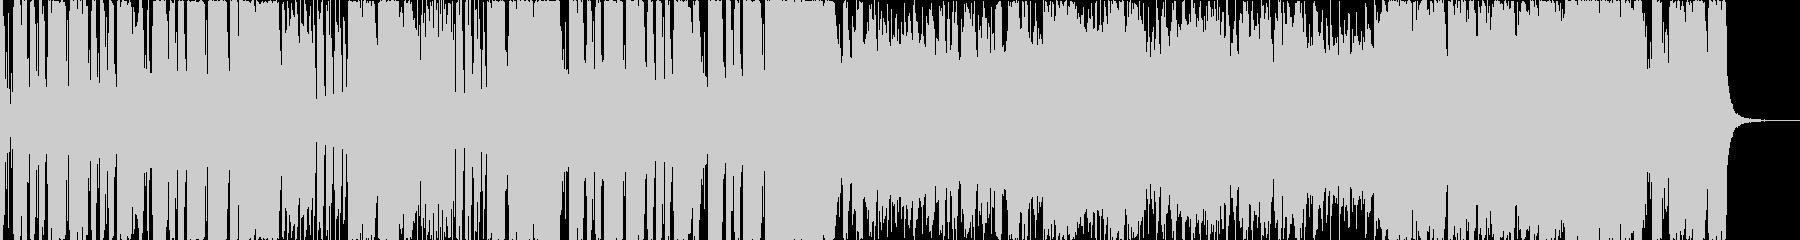 ポップで笑えるドタバタBGMの未再生の波形